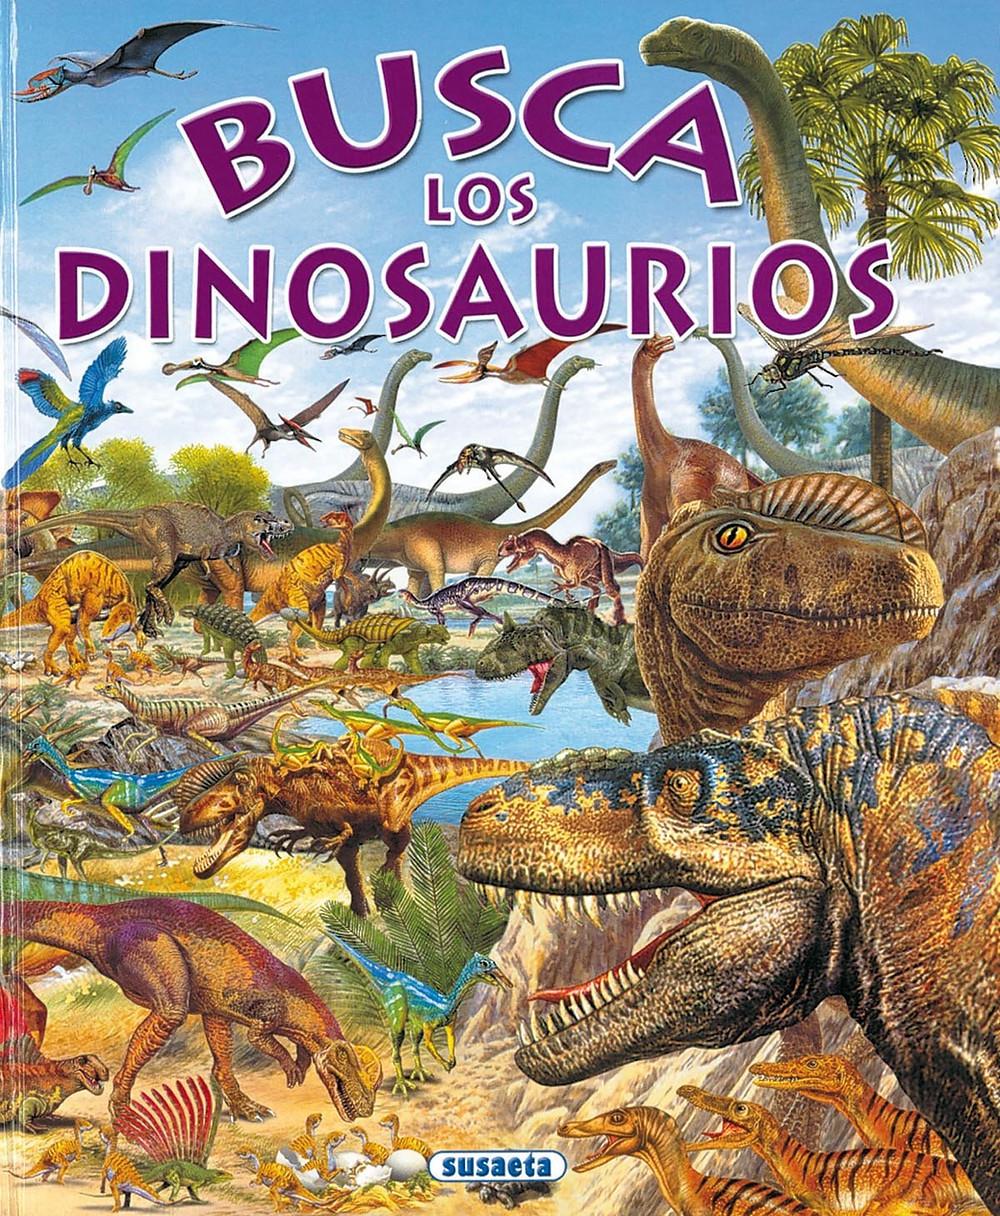 Busca los Dinosaurios